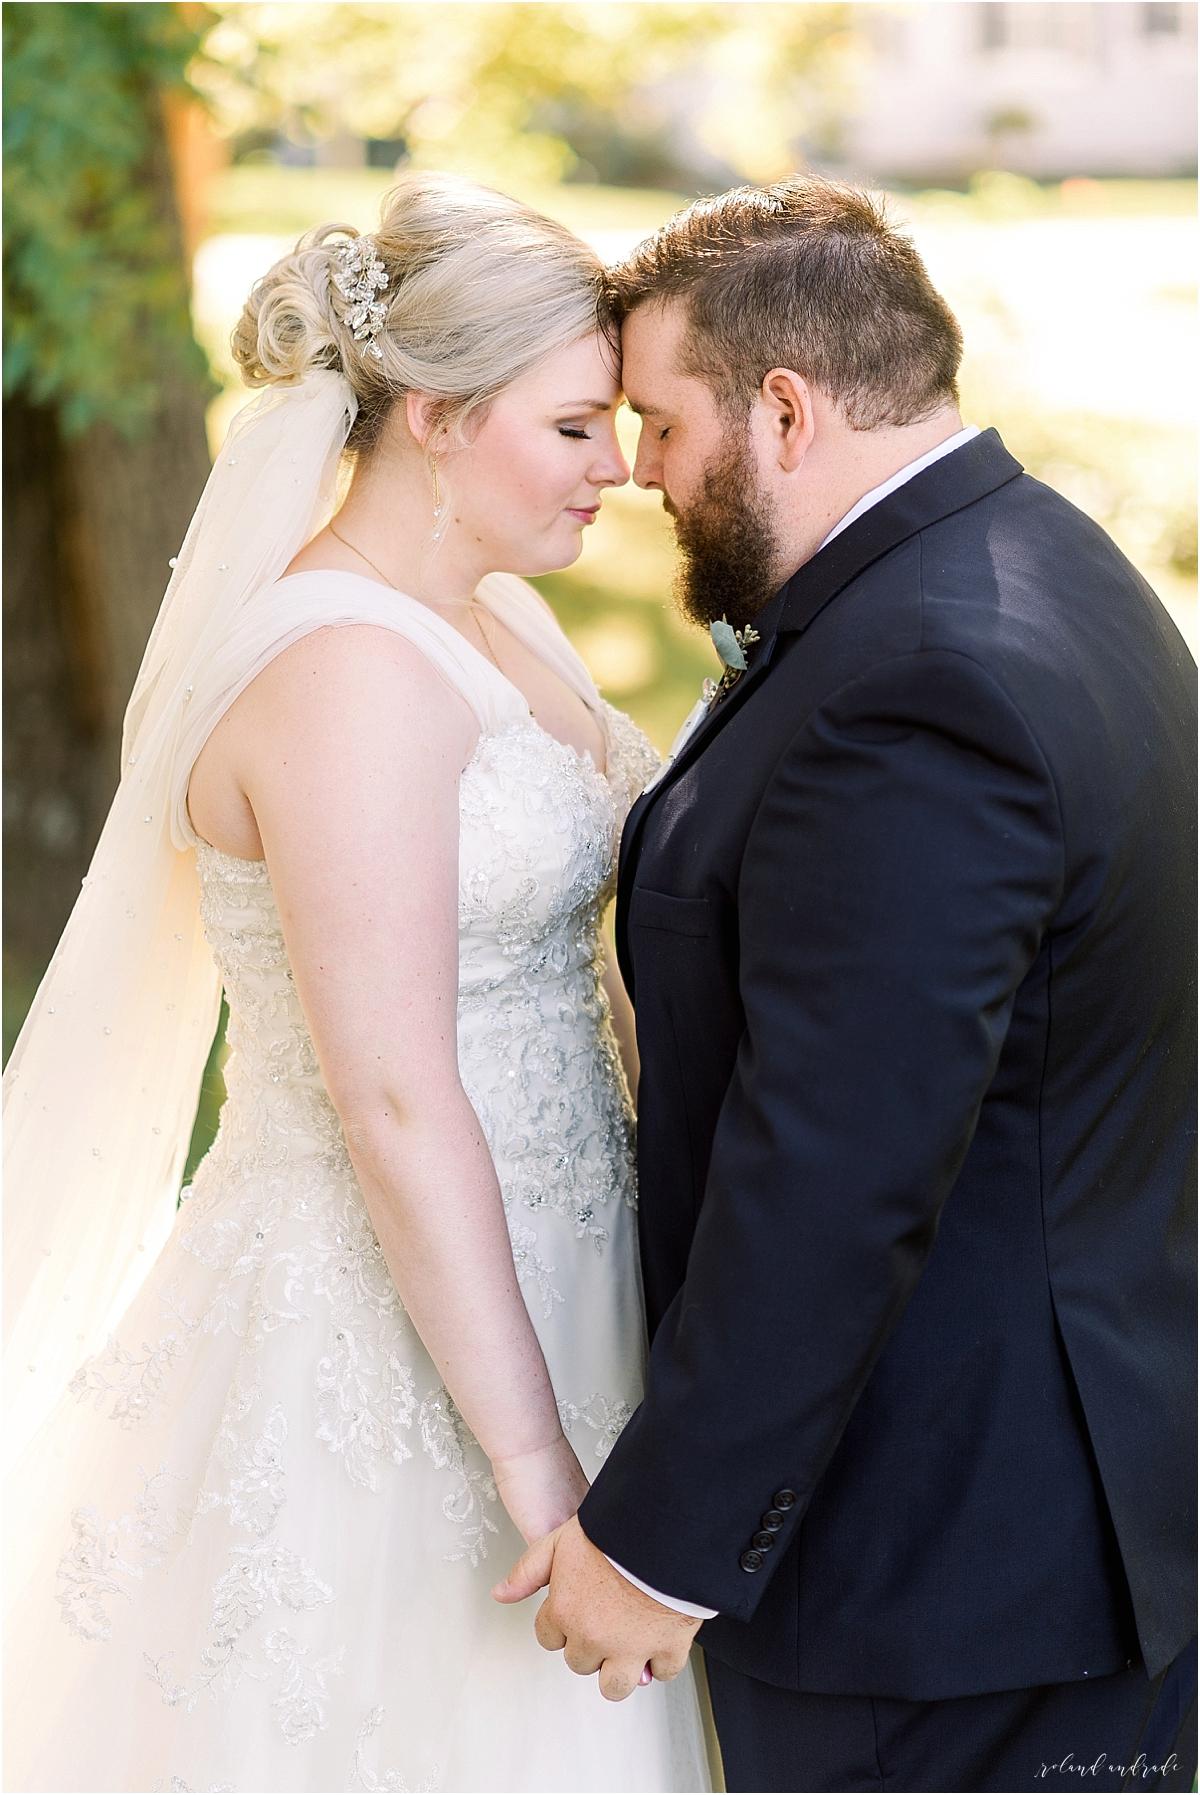 The Waterhouse Wedding, Chicago Wedding Photographer, Peoria Wedding Photographer, Best Photographer In Aurora, Best Photographer In Chicago_0025.jpg